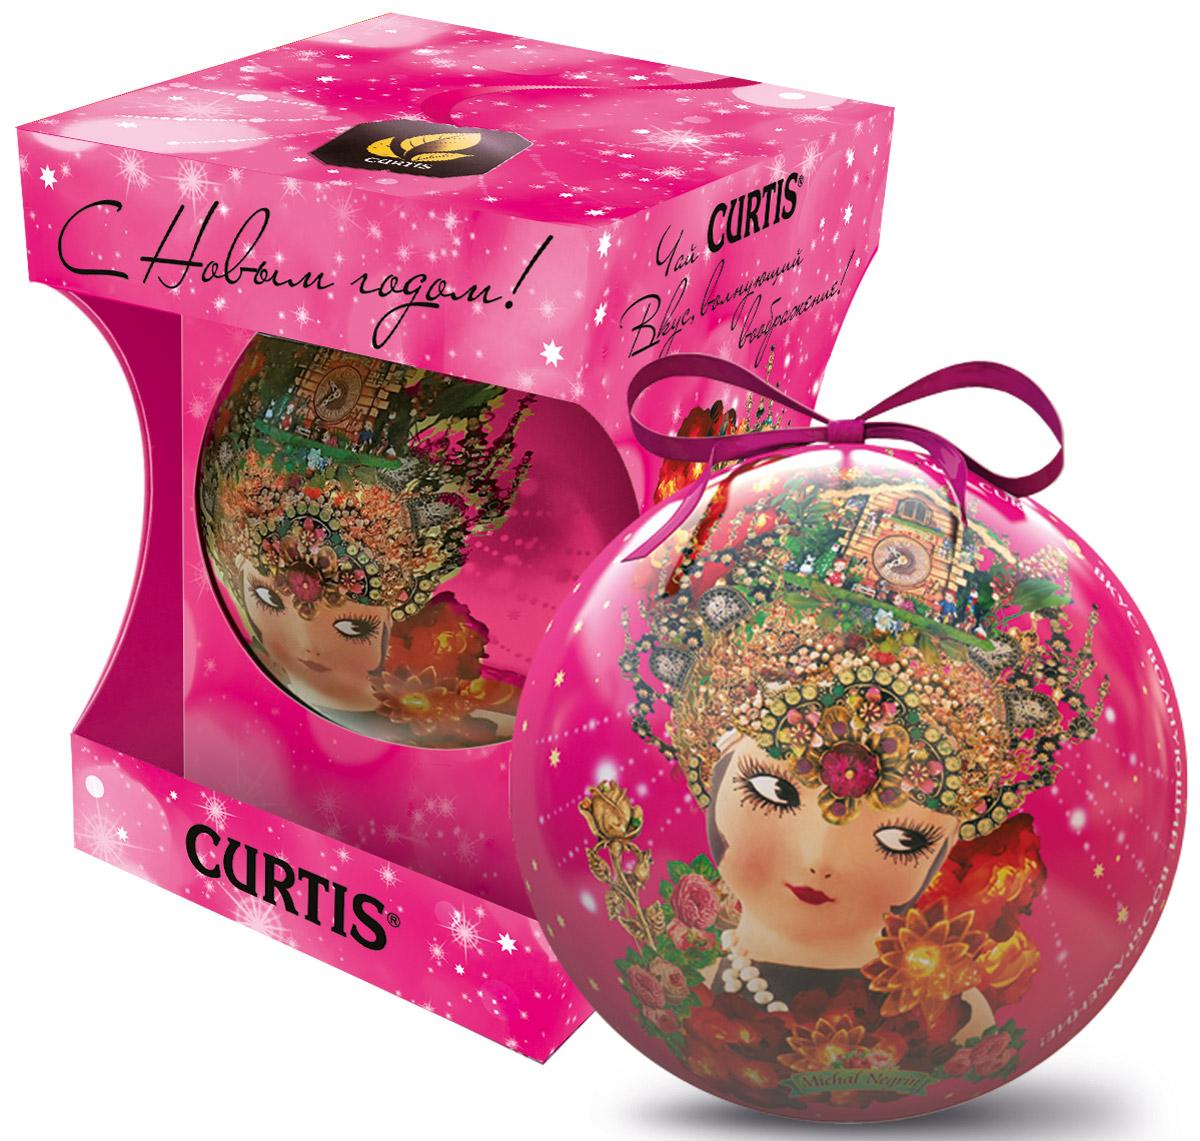 Curtis She-Shy Christmas Ball розовый, черный листовой чай, 30 г100134_розовыйПревосходный черный цейлонский чай Curtis She-Shy Christmas Ball в новогодней подарочной упаковке в форме шара золотого цвета. Отлично подойдет в качестве подарка на новогодние праздники.Уважаемые клиенты! Обращаем ваше внимание на то, что упаковка может иметь несколько видов дизайна. Поставка осуществляется в зависимости от наличия на складе.